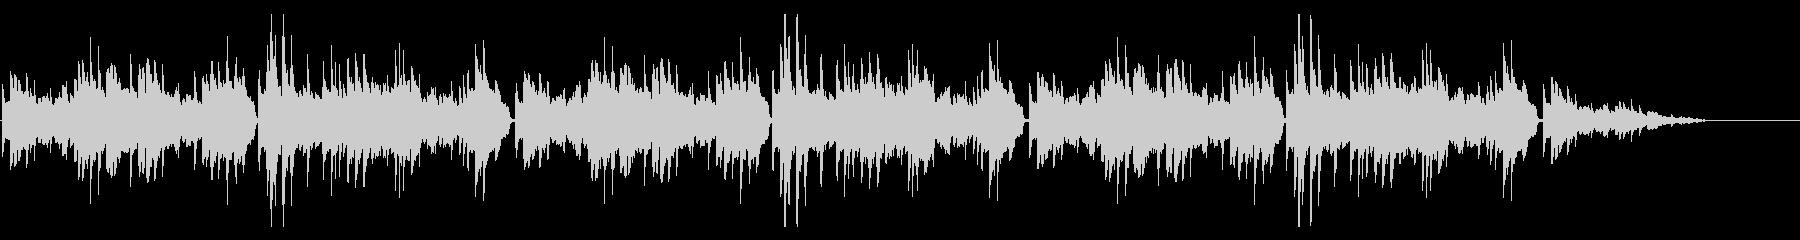 秋の定番童謡「紅葉」シンプルなピアノソロの未再生の波形